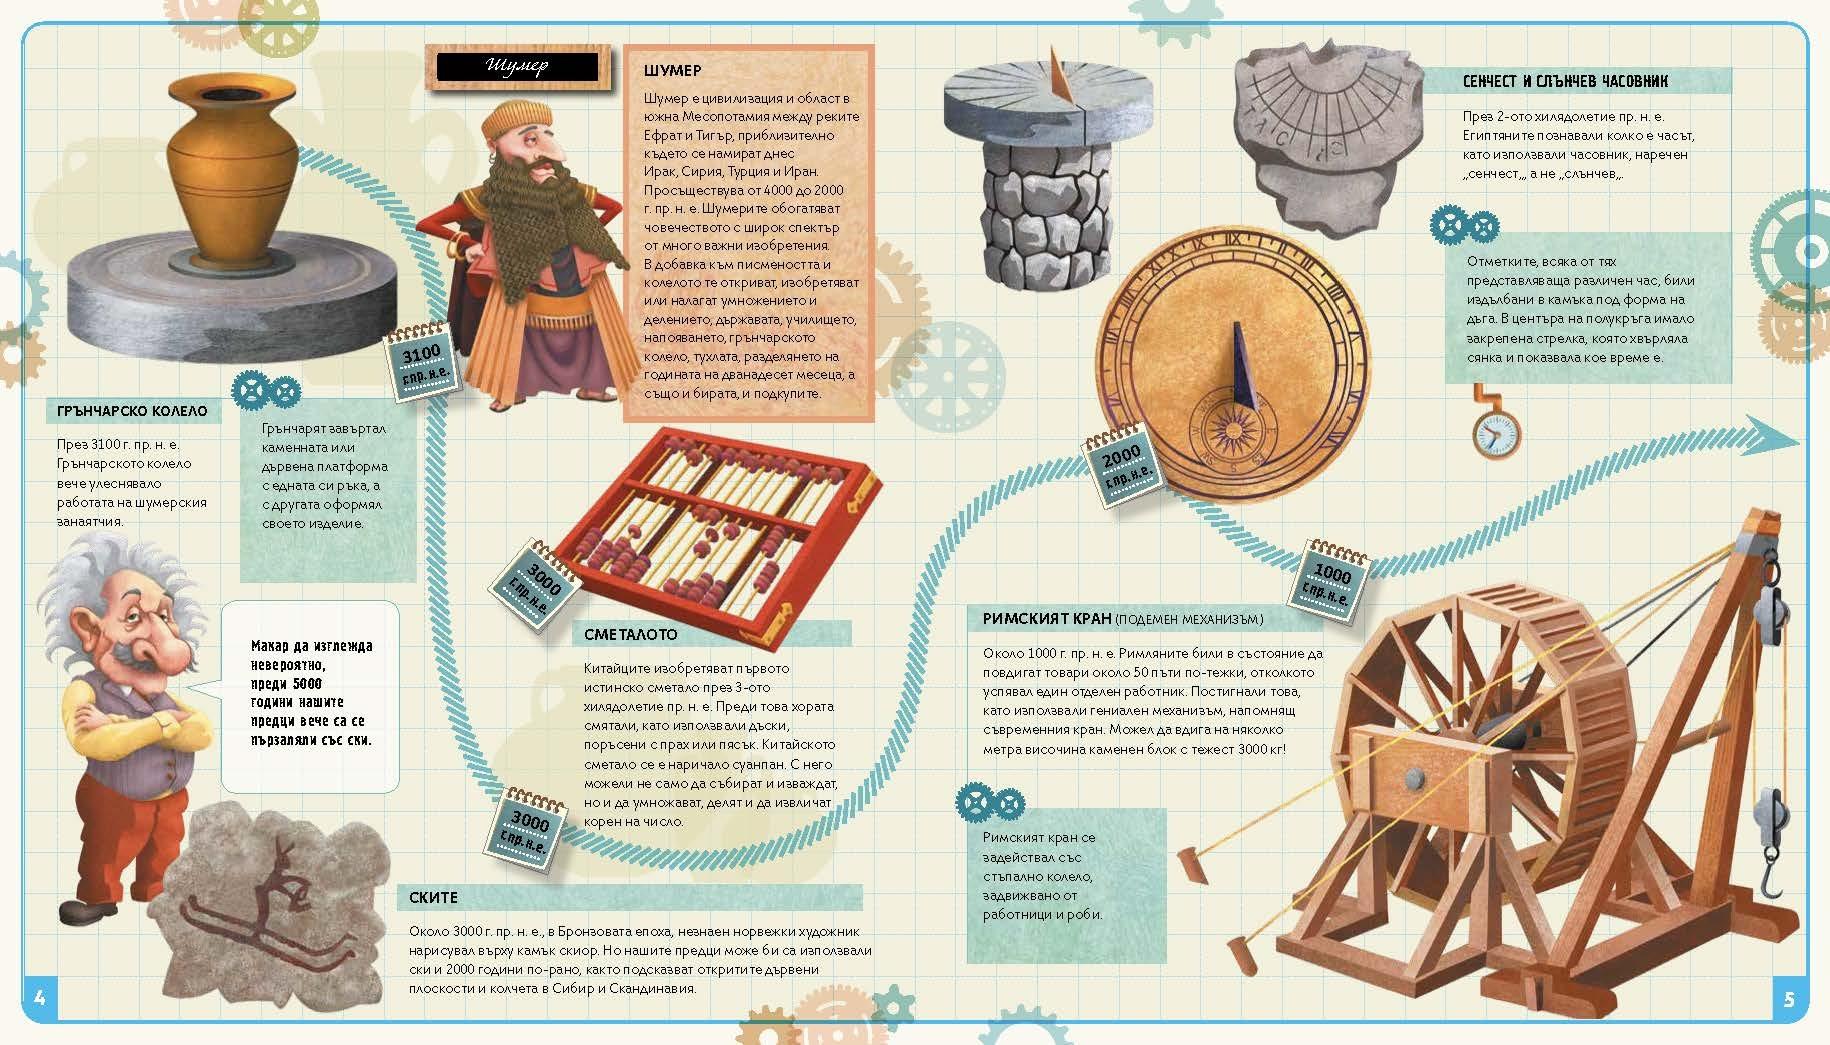 Пътешественик във времето — Открития